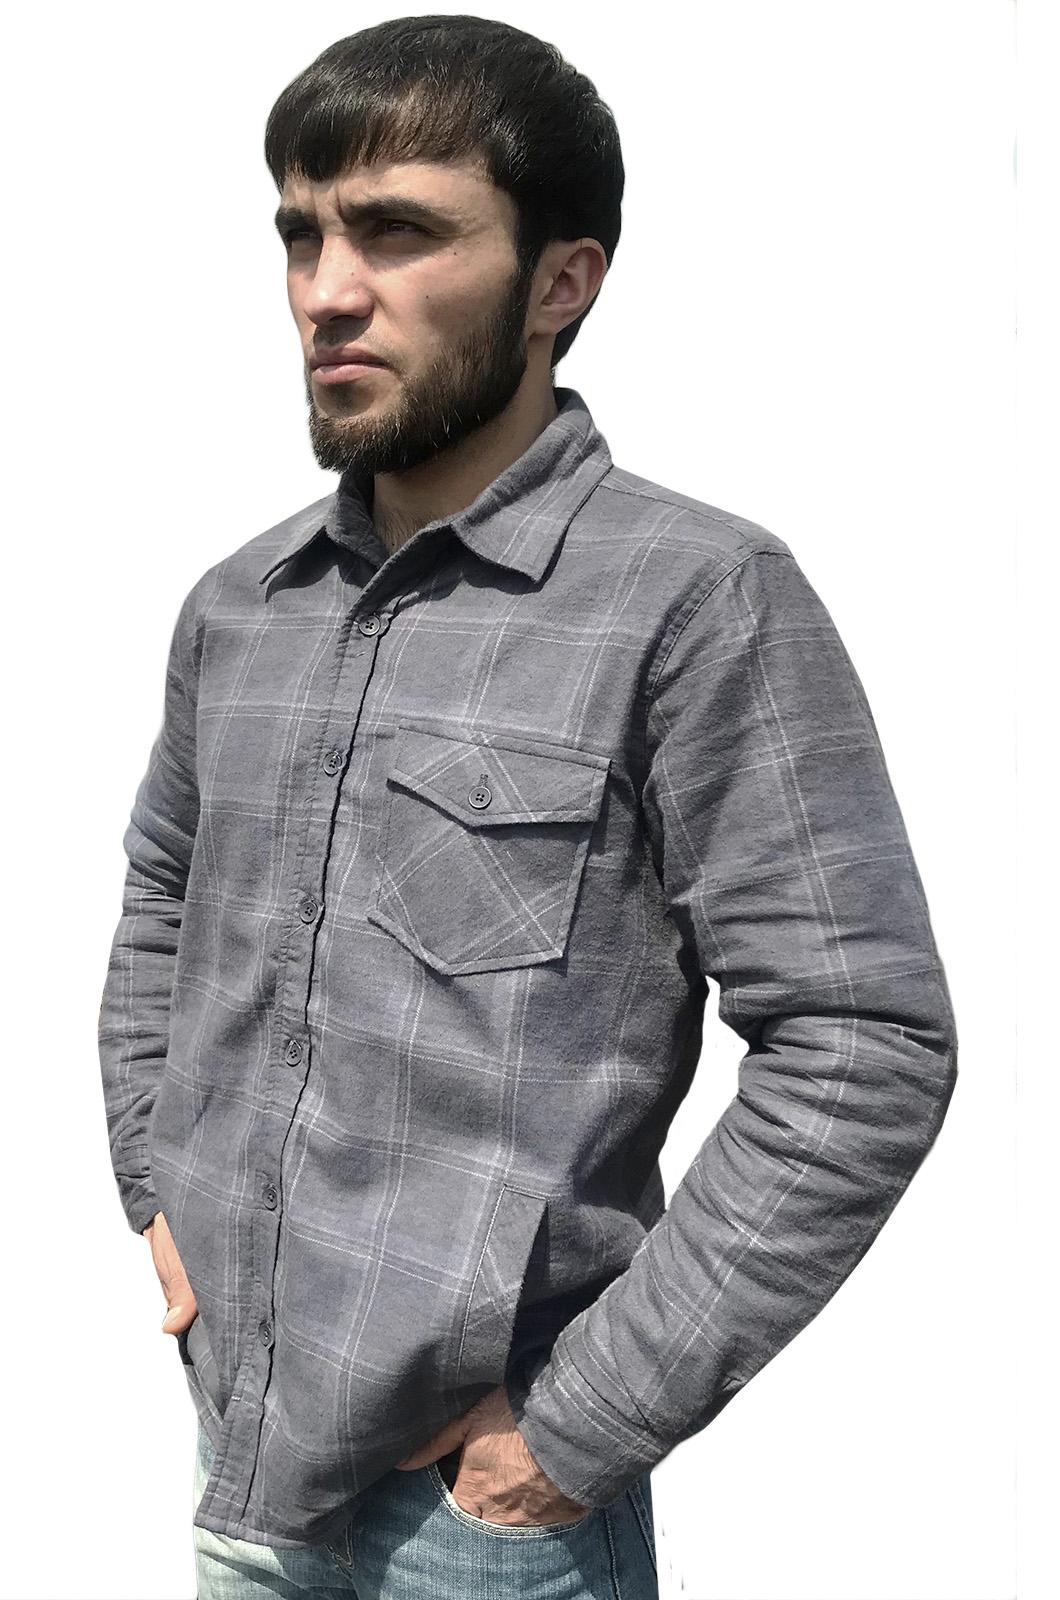 Стильная клетчатая рубашка с вышитым полевым шевроном Новороссия - купить в розницу